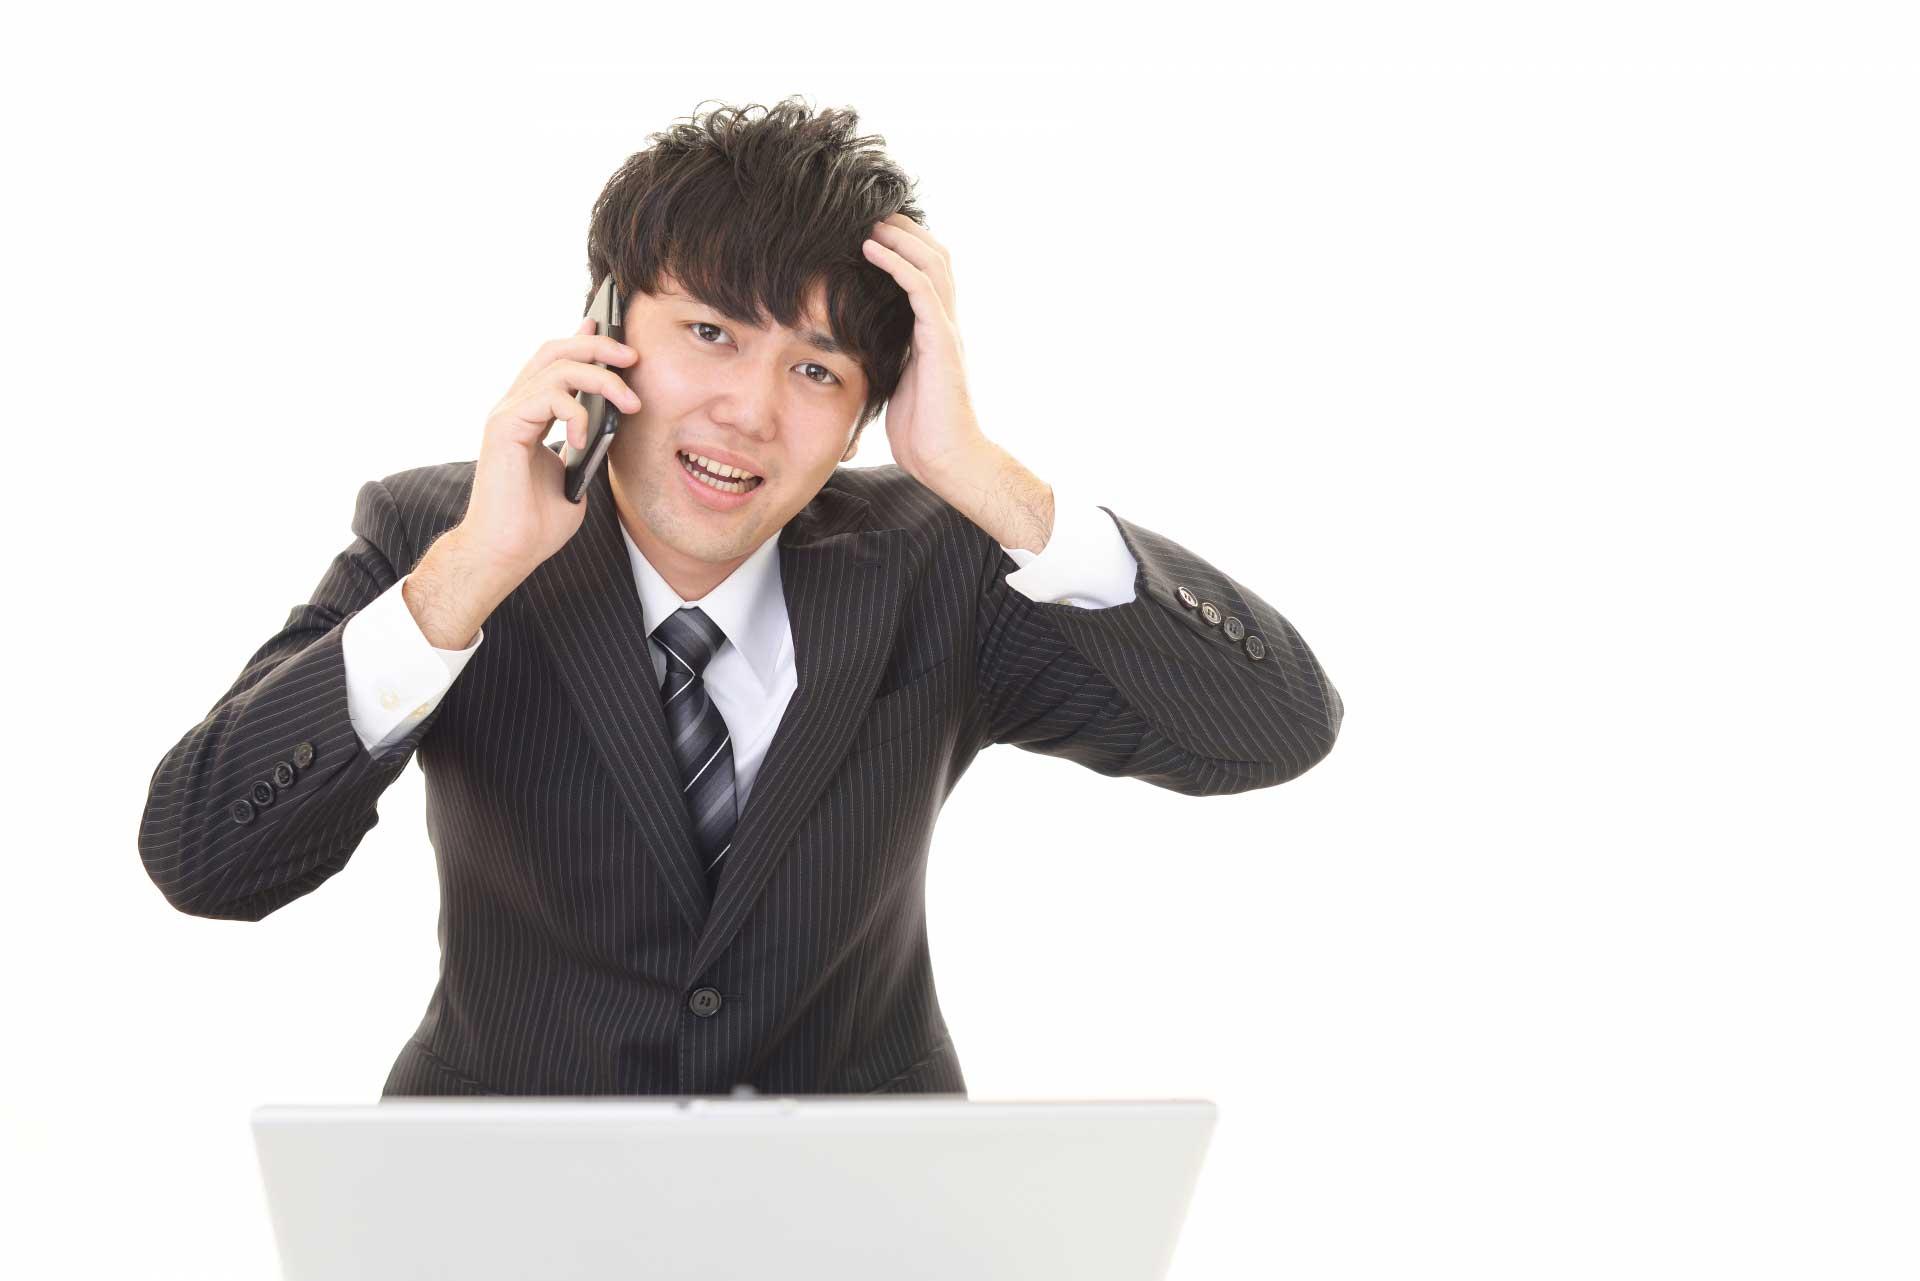 電話をしながら頭を抱えている男性